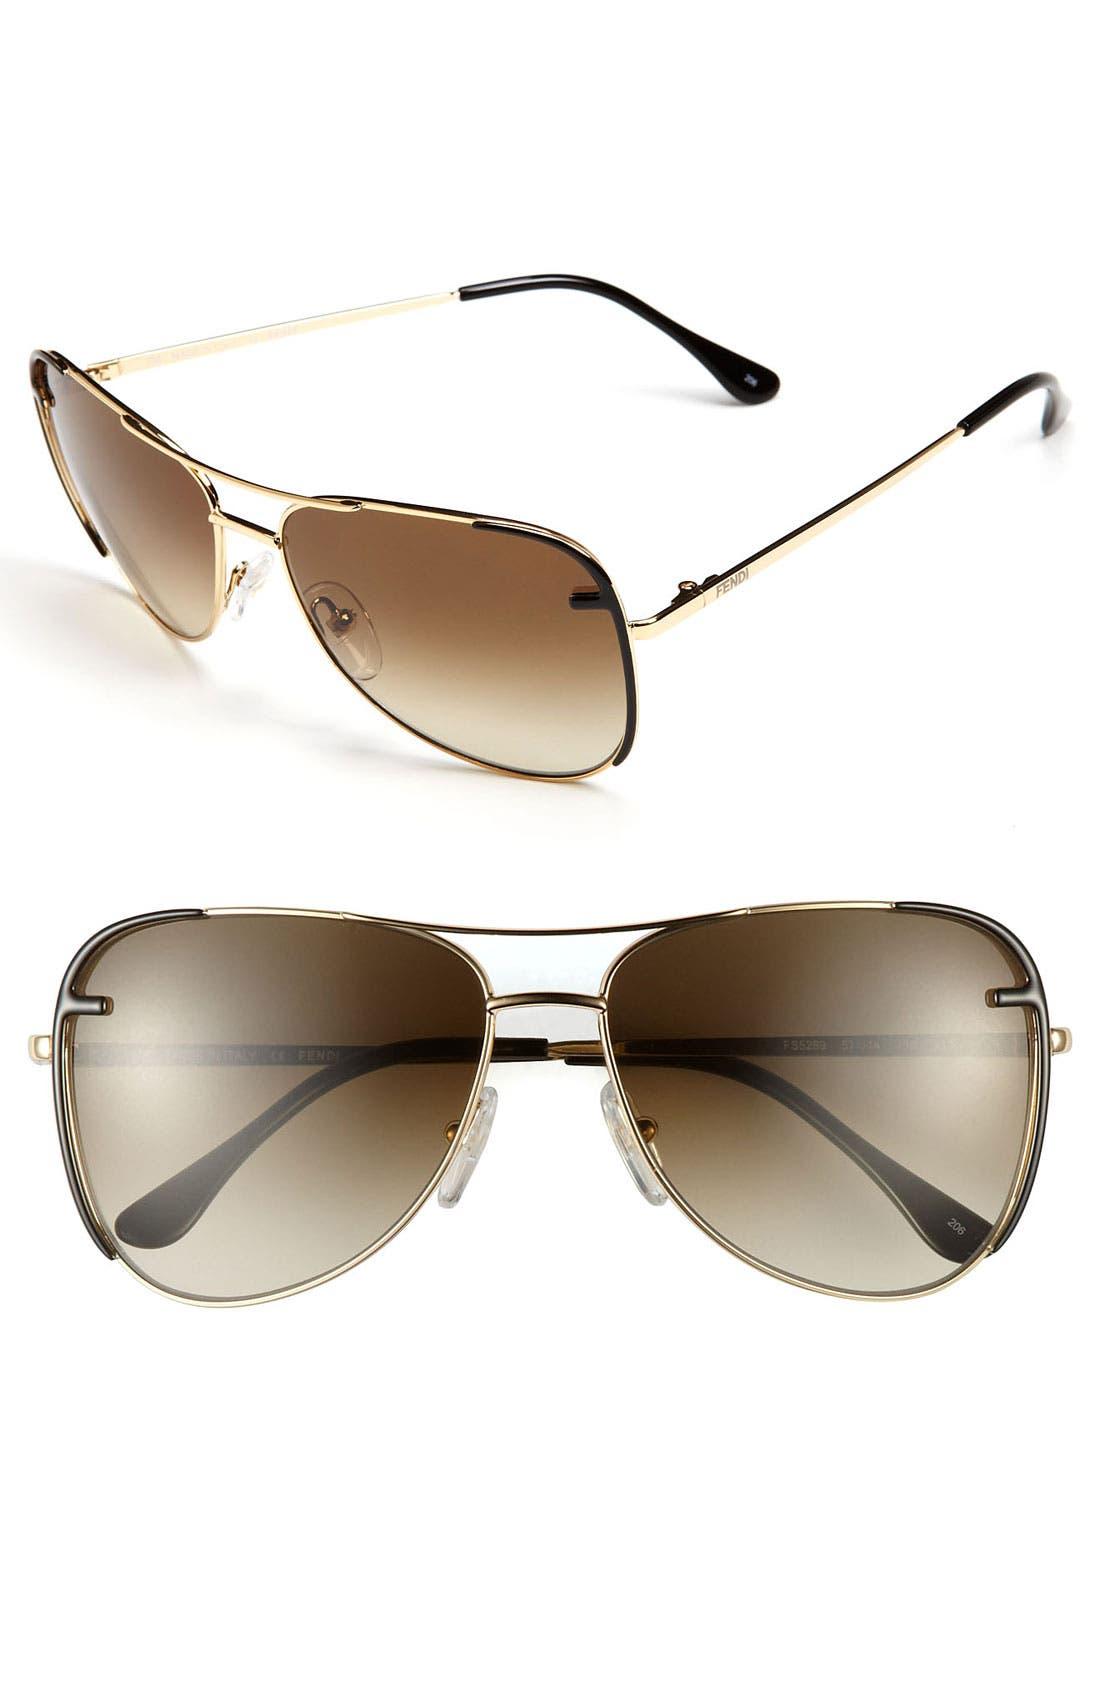 Alternate Image 1 Selected - Fendi 57mm Metal Aviator Sunglasses